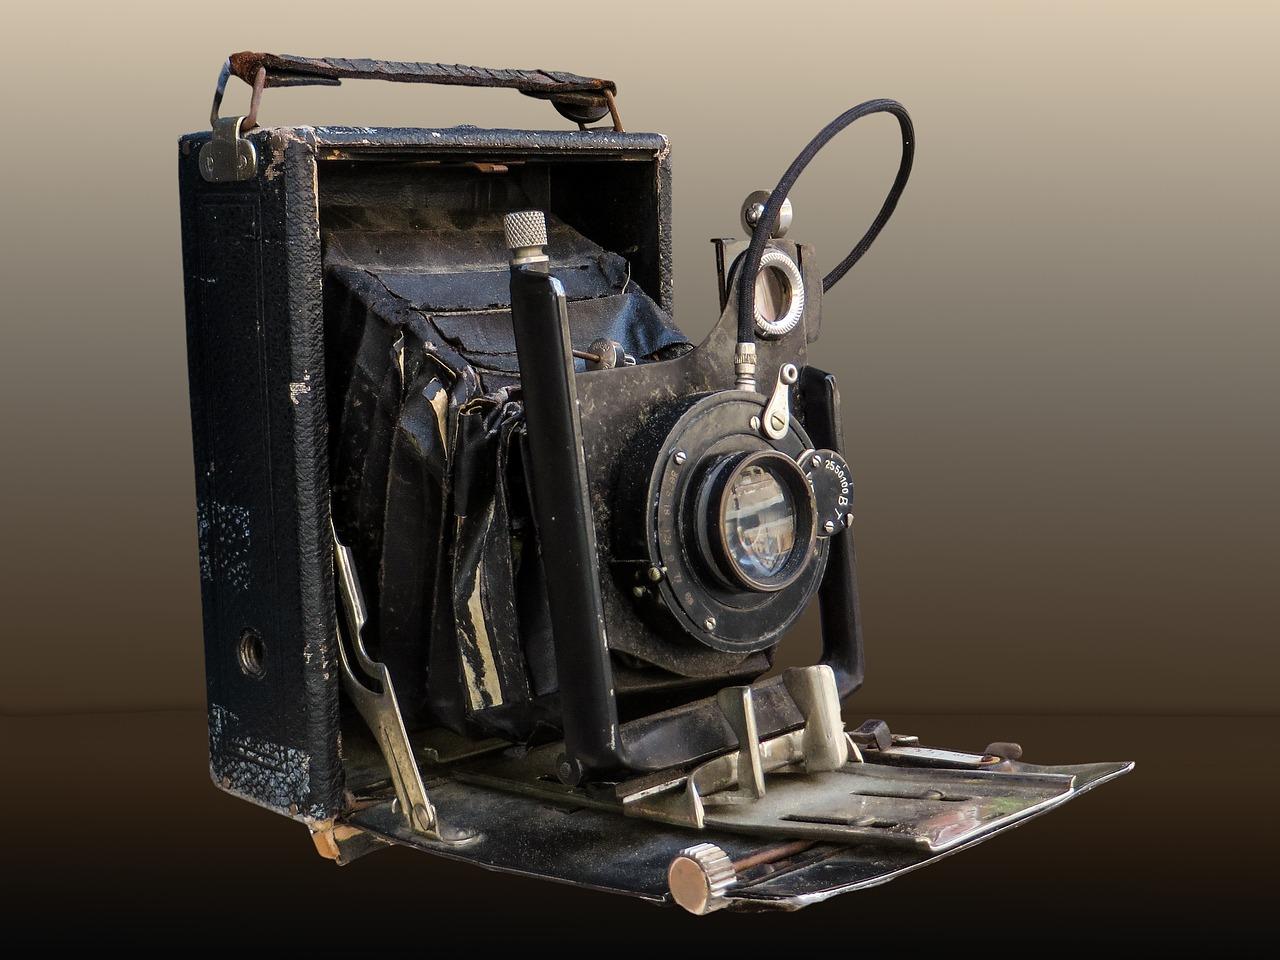 найти старый фотоаппарат во сне шов после